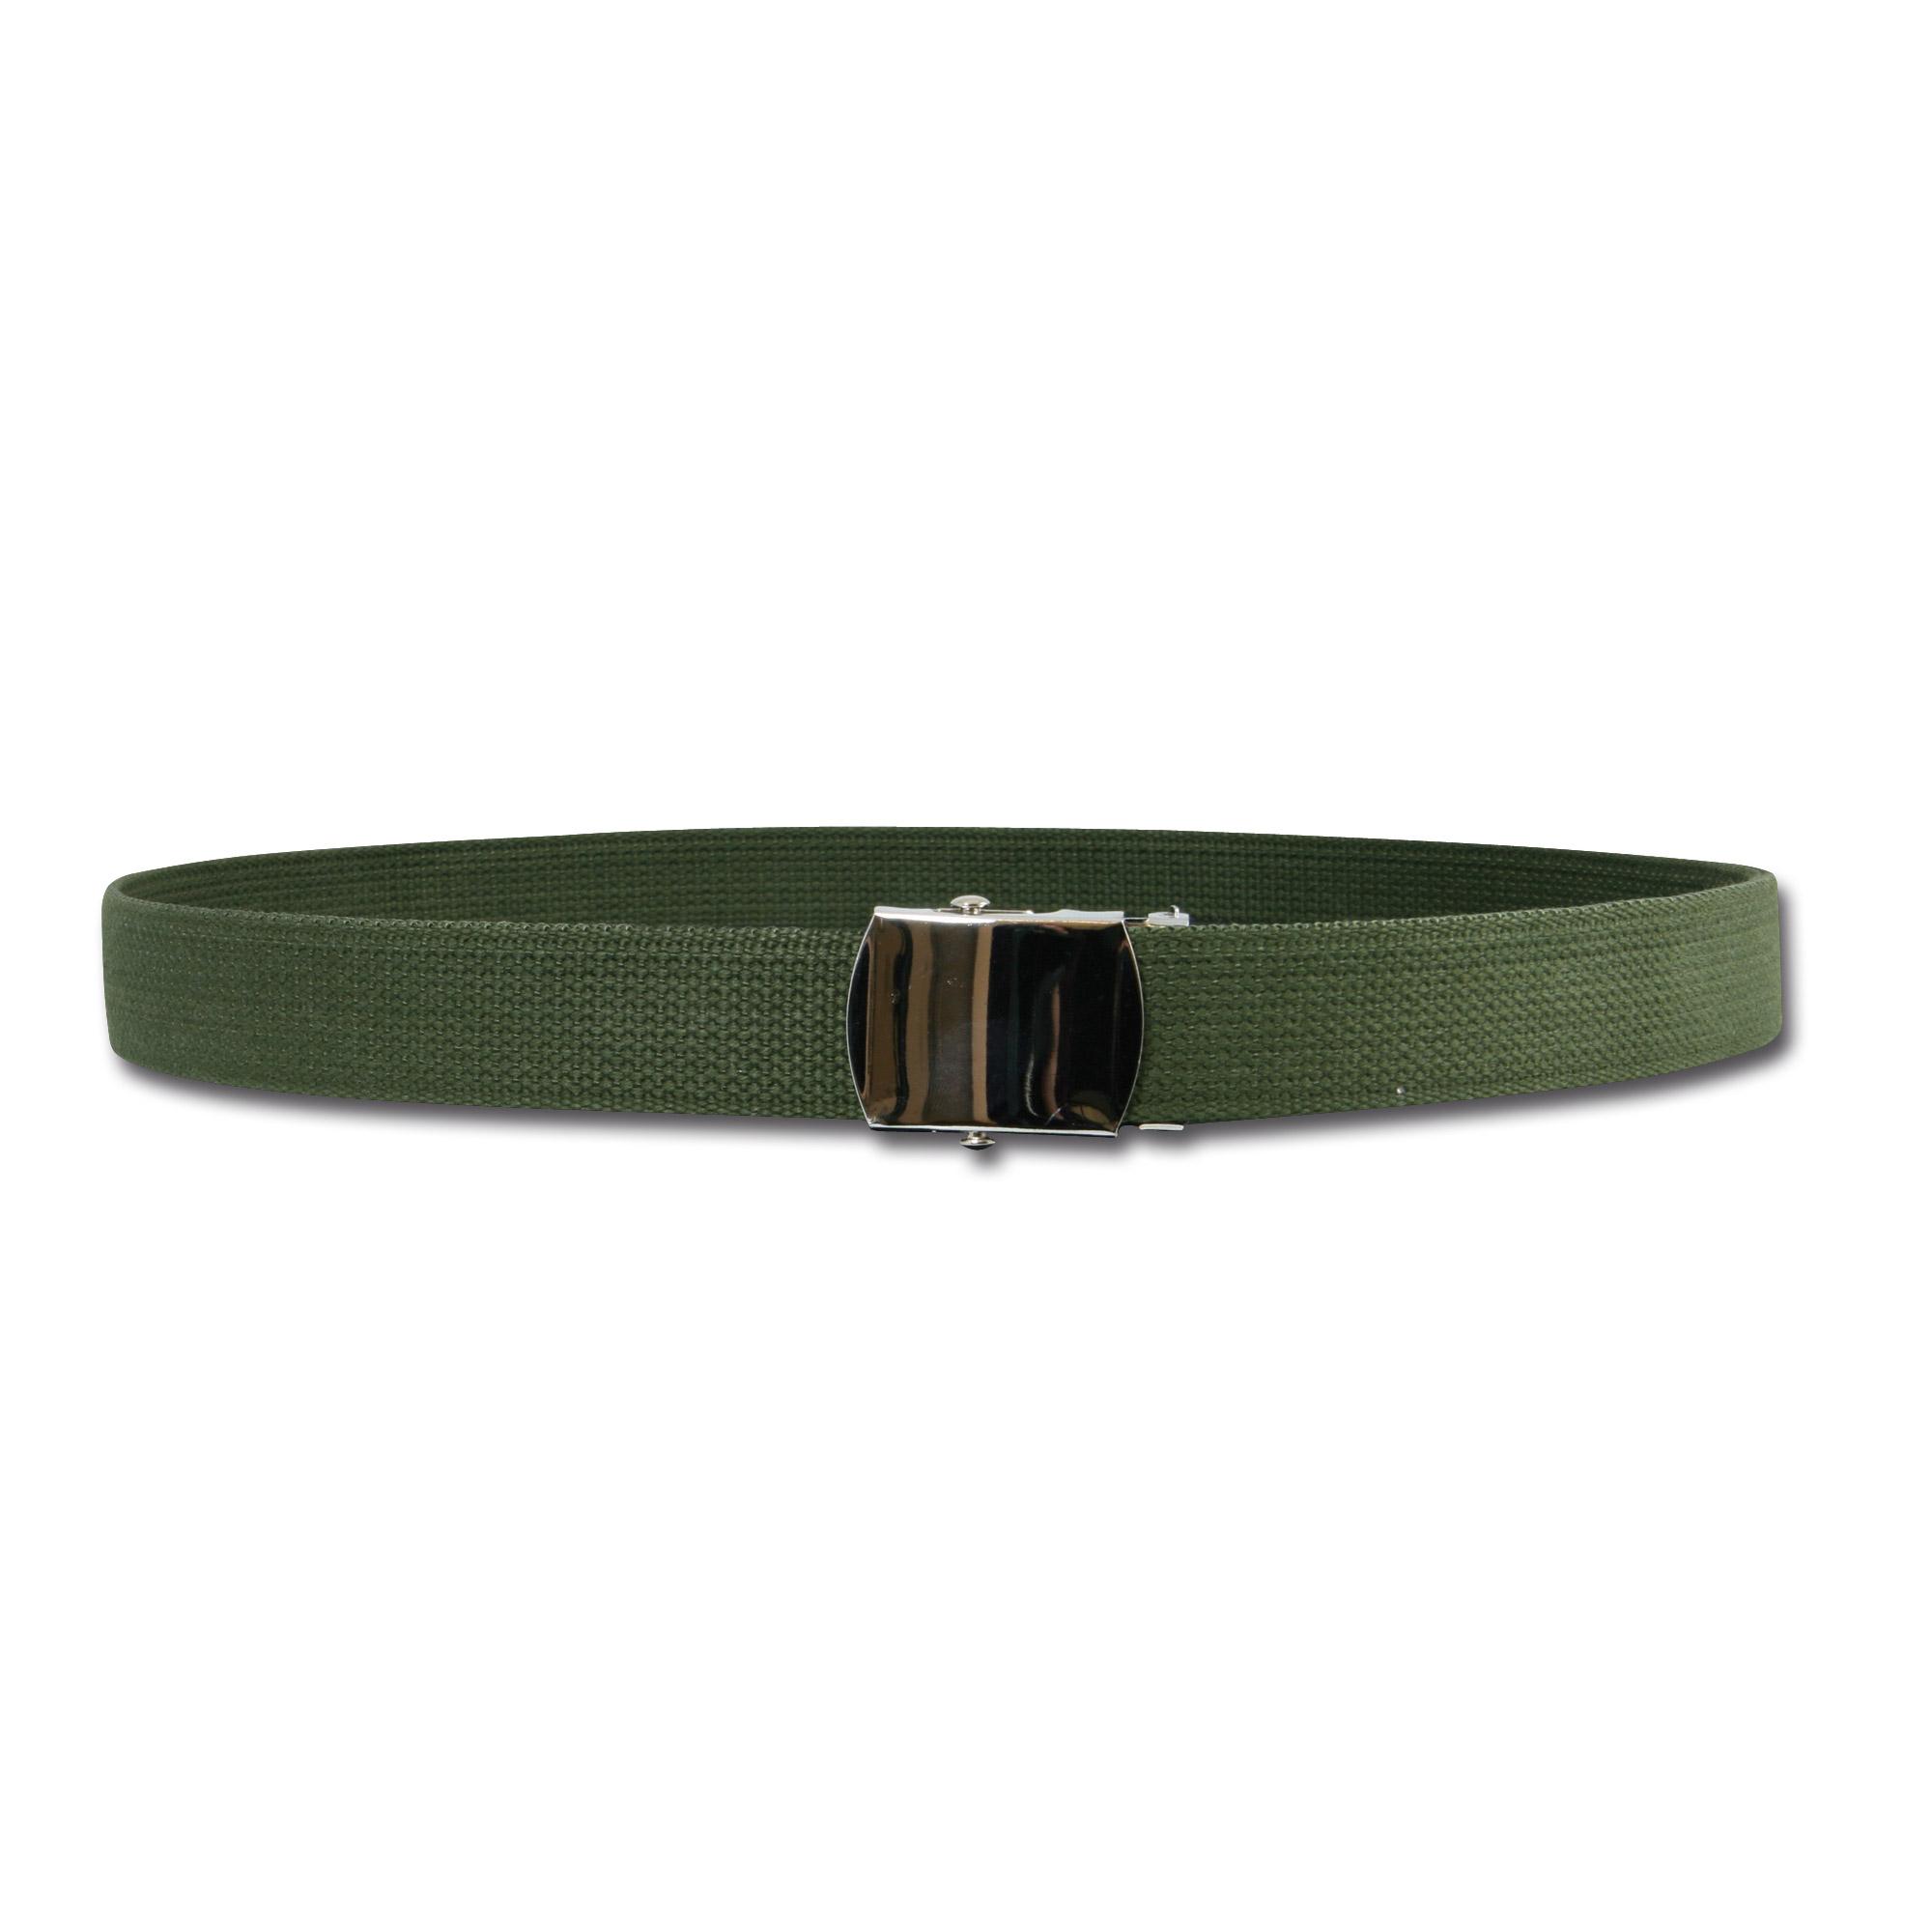 Cinturón verde oliva